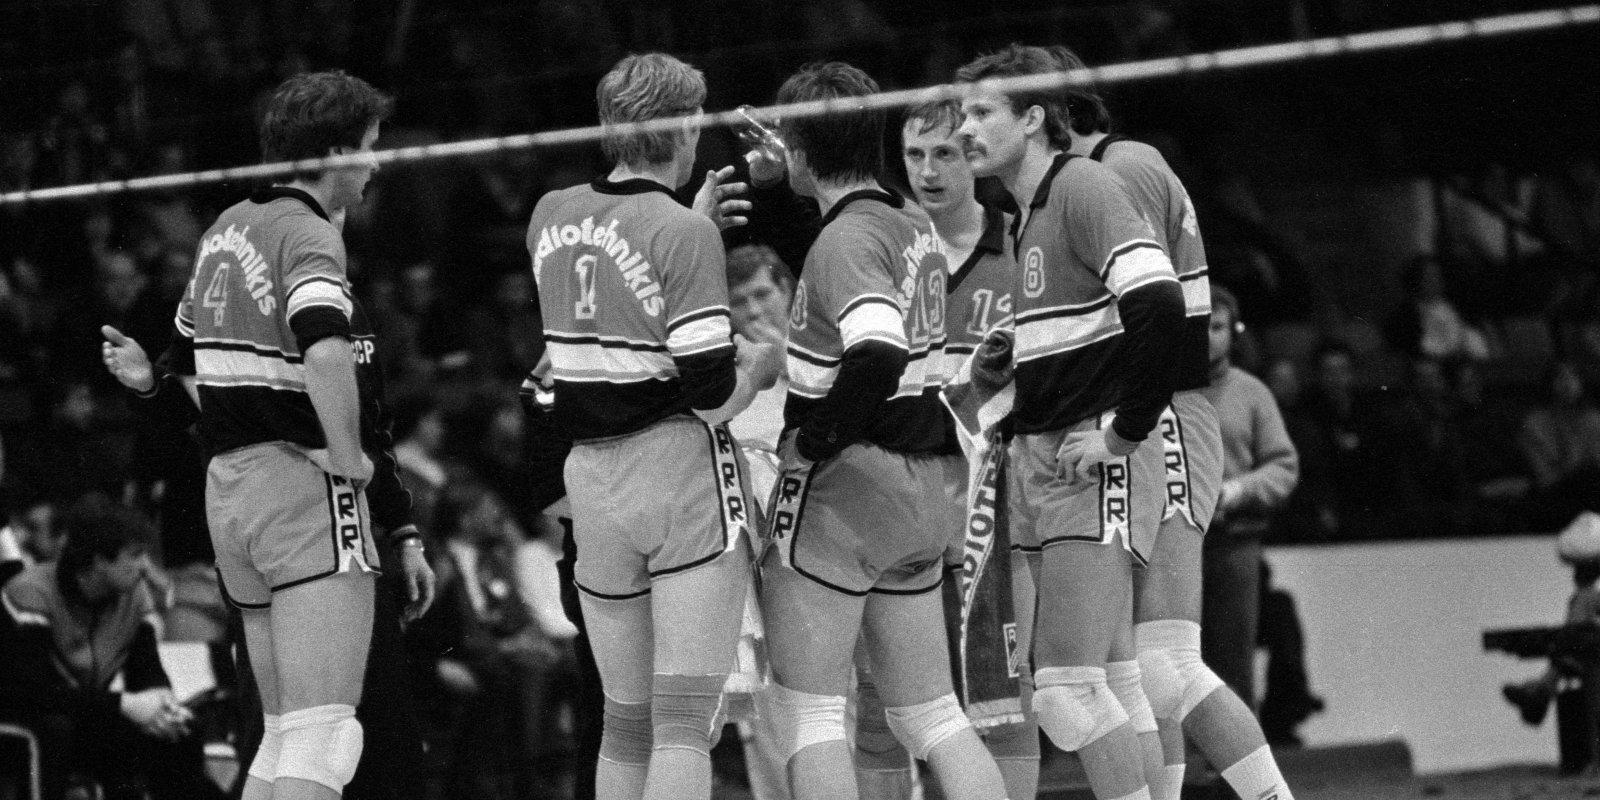 Izcilās komandas: 'Radiotehniķis' pārtrauc ACSK dominanci padomju volejbolā